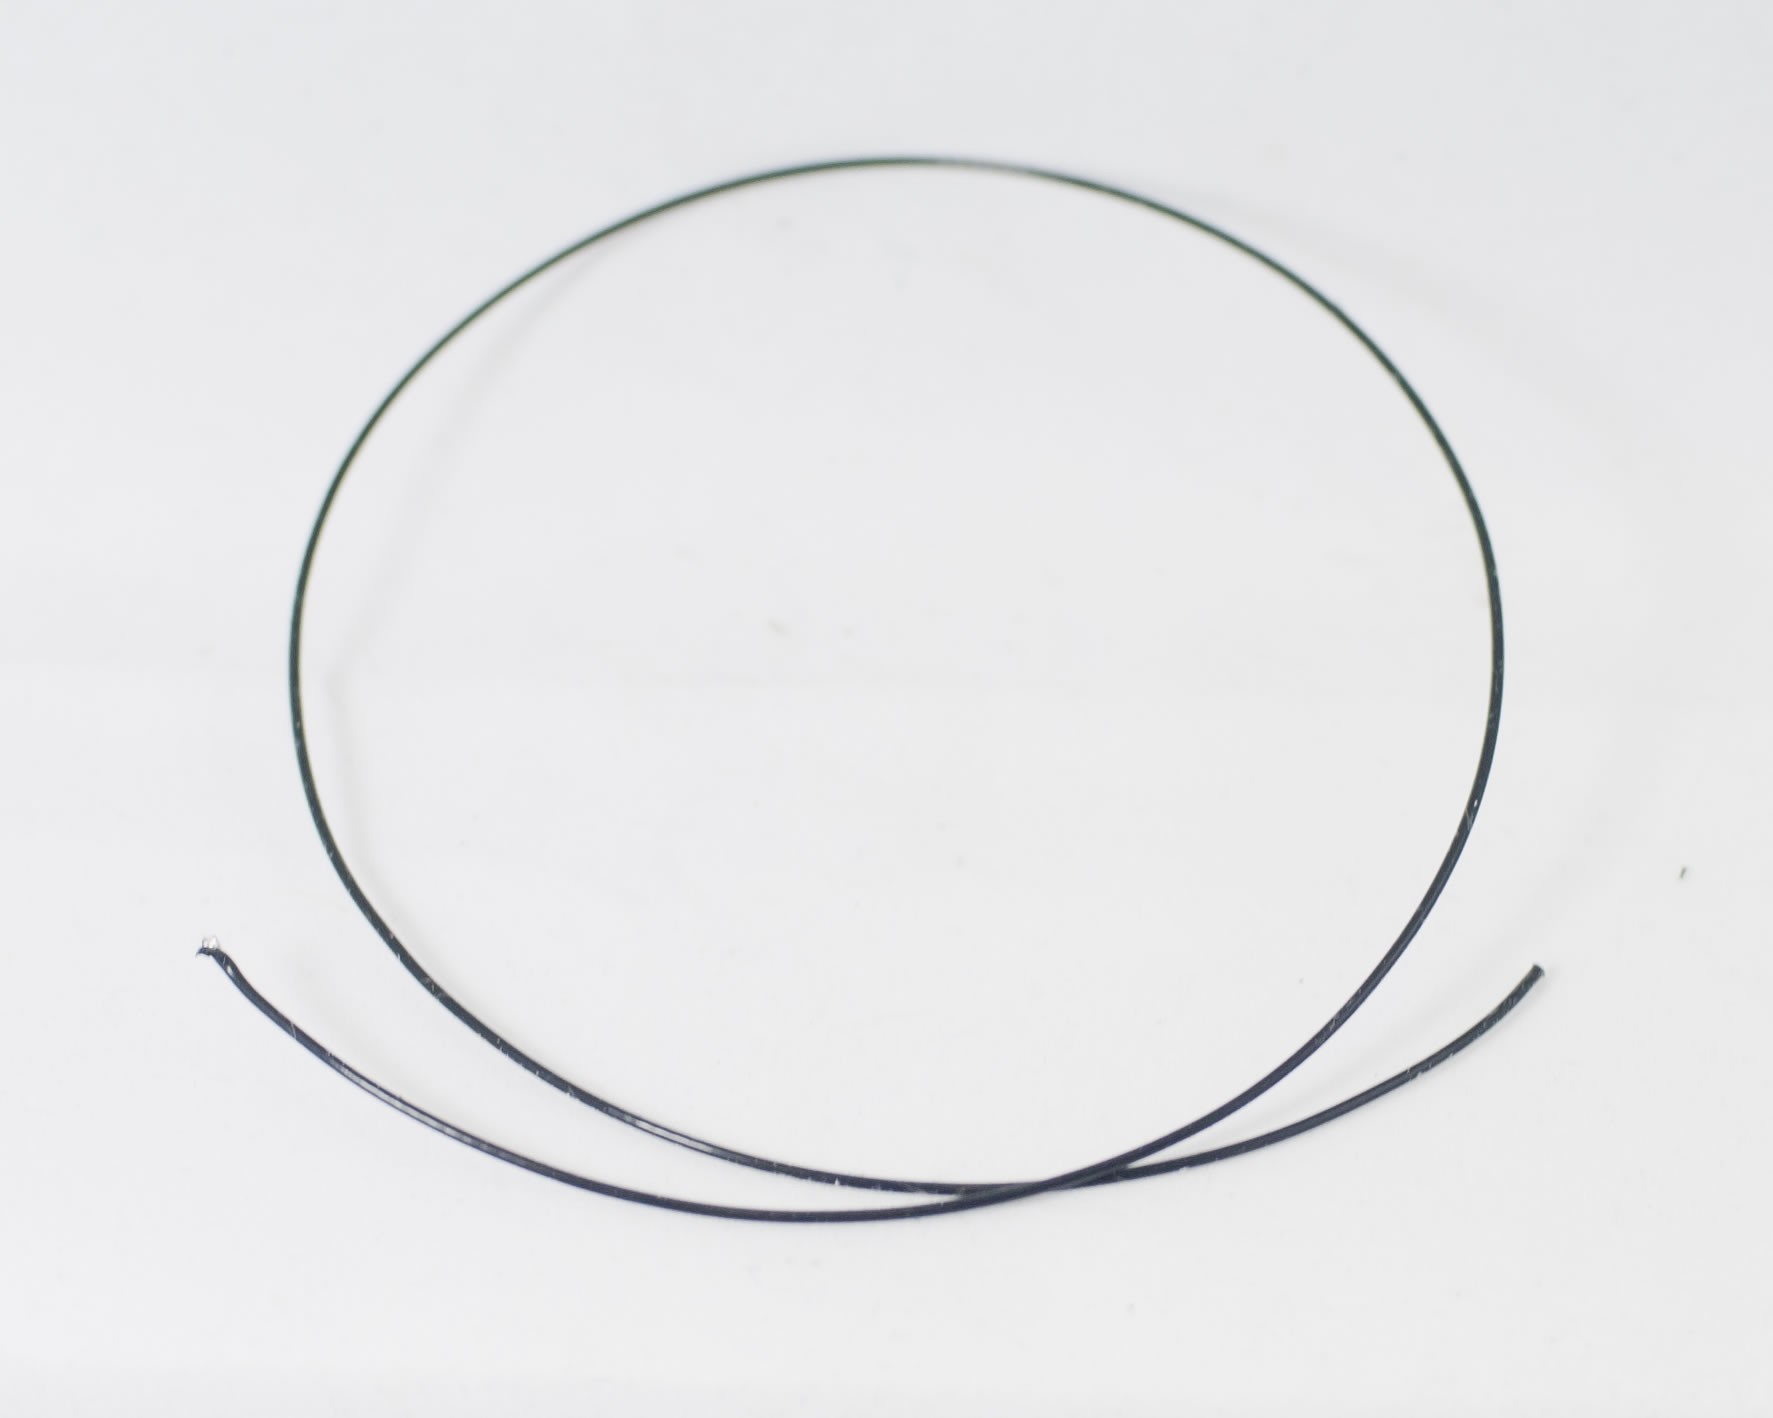 wire - black wire